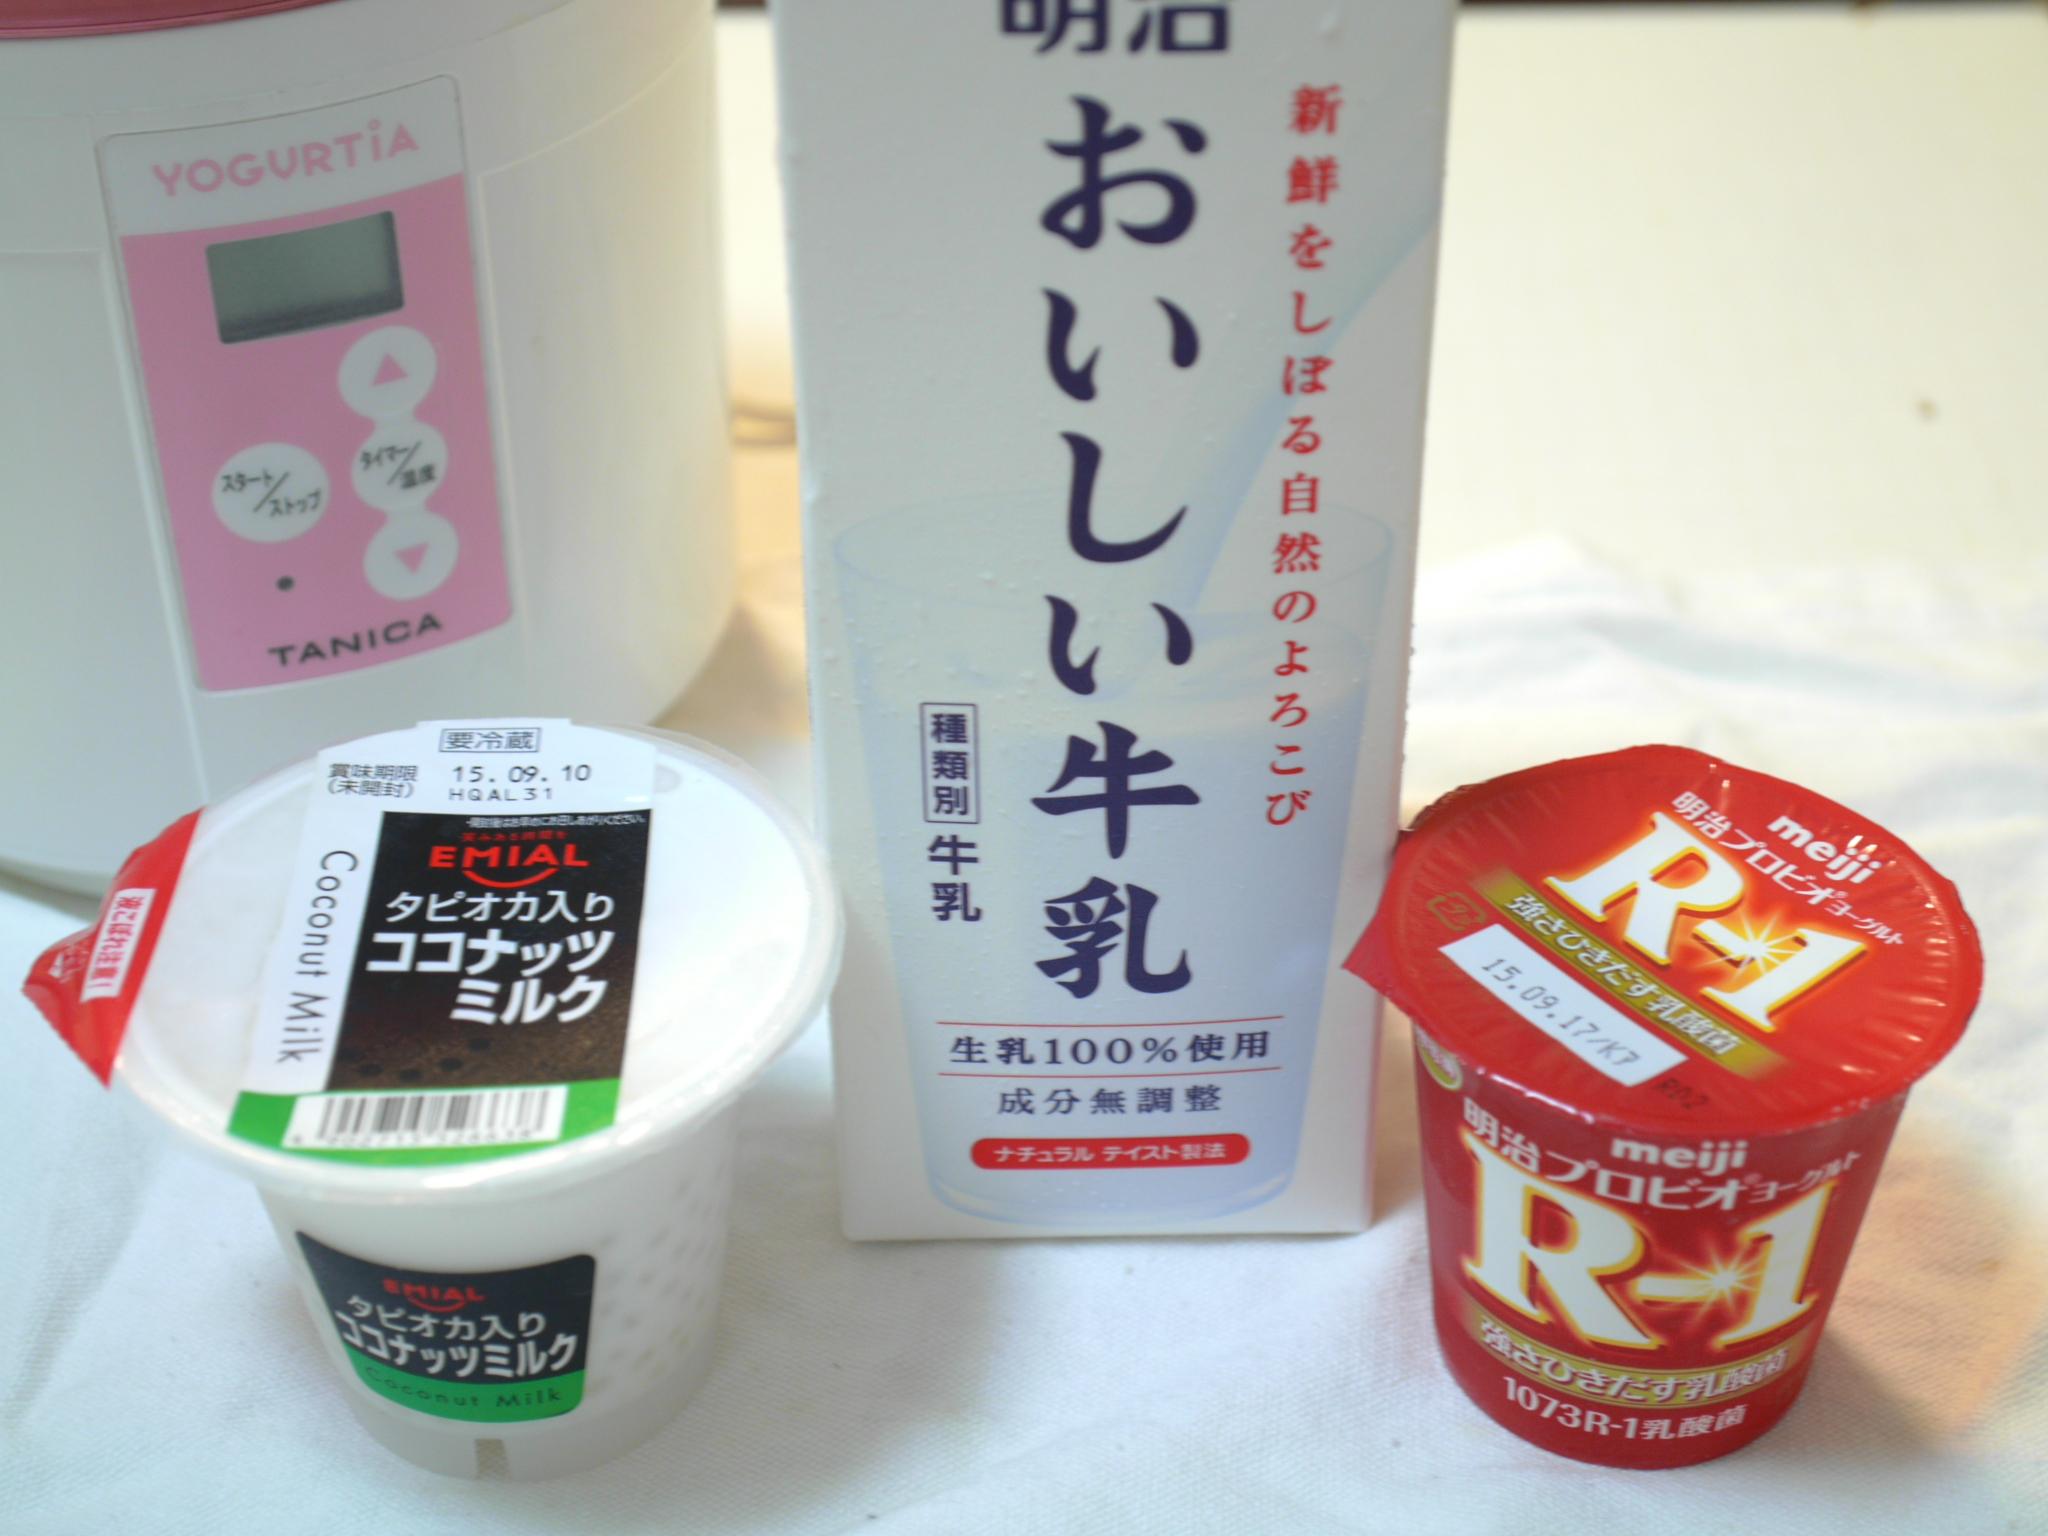 ココナッツミルク、R-1、おいしい牛乳、ヨーグルティア